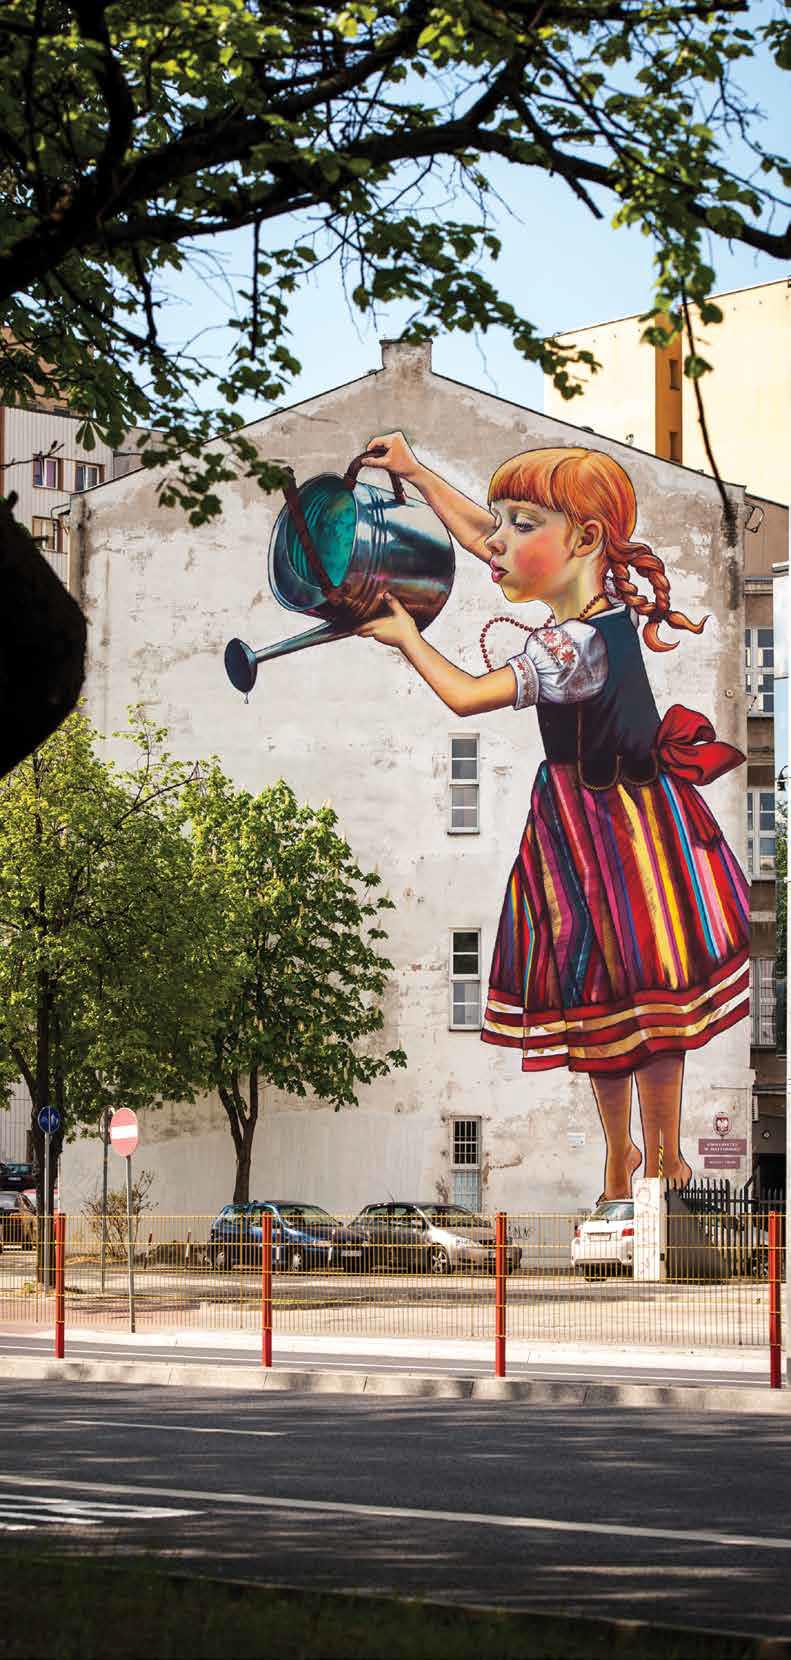 Miasto w obronie dziewczynki z konewk wschodz cy for Mural bialystok dziewczynka z konewka